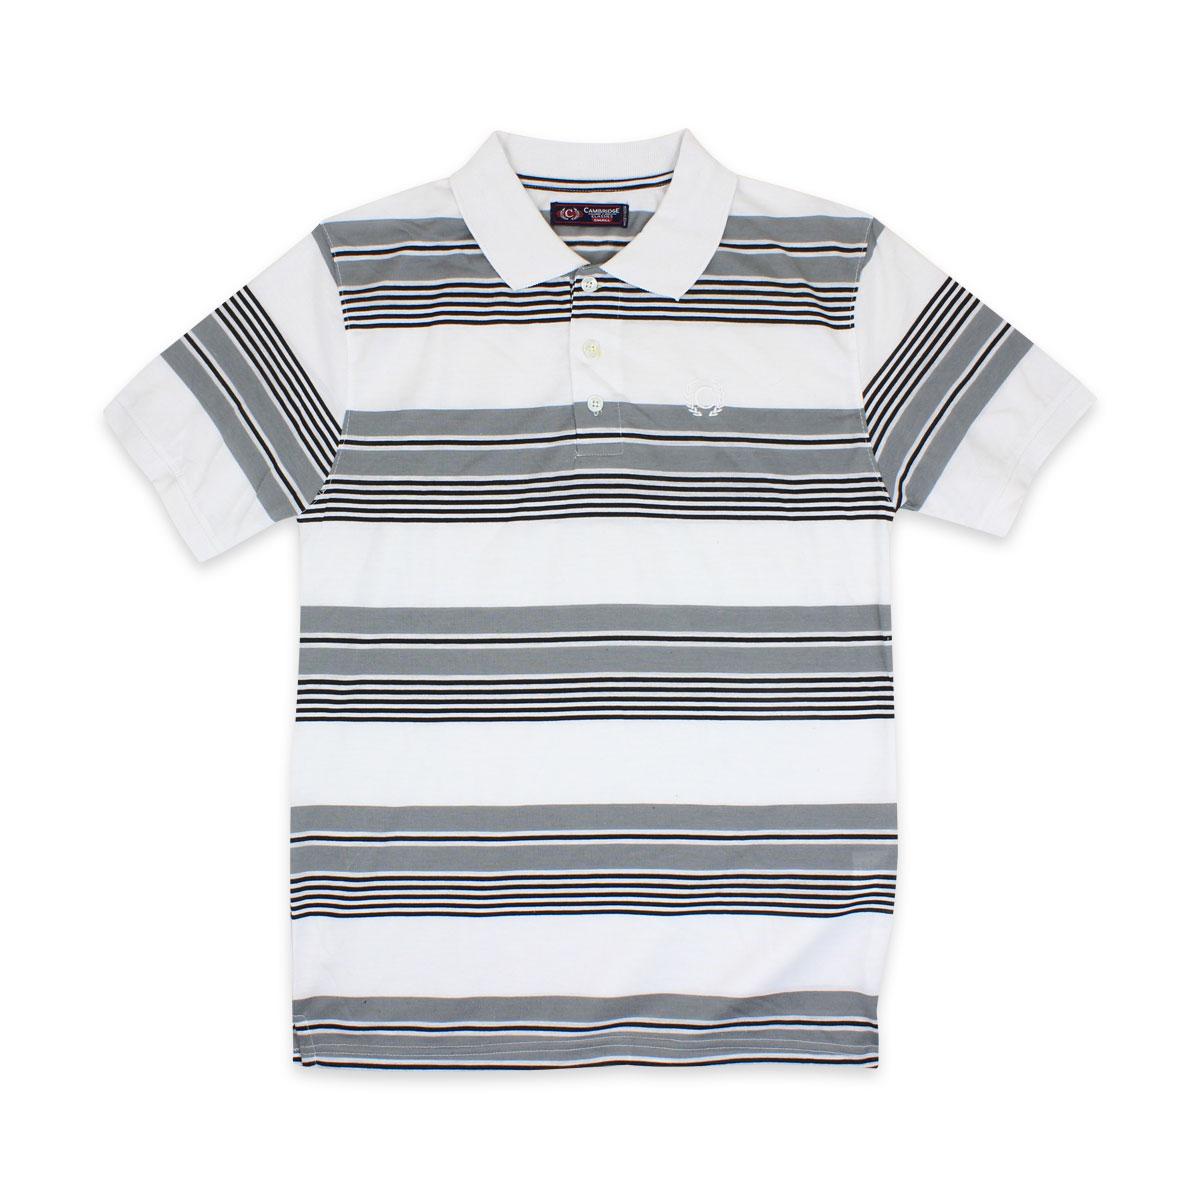 Camisas-Polo-Para-Hombre-A-Rayas-Pique-Con-Cuello-camiseta-Camiseta-Manga-Corta-De-Verano-S-M-L-XL miniatura 69